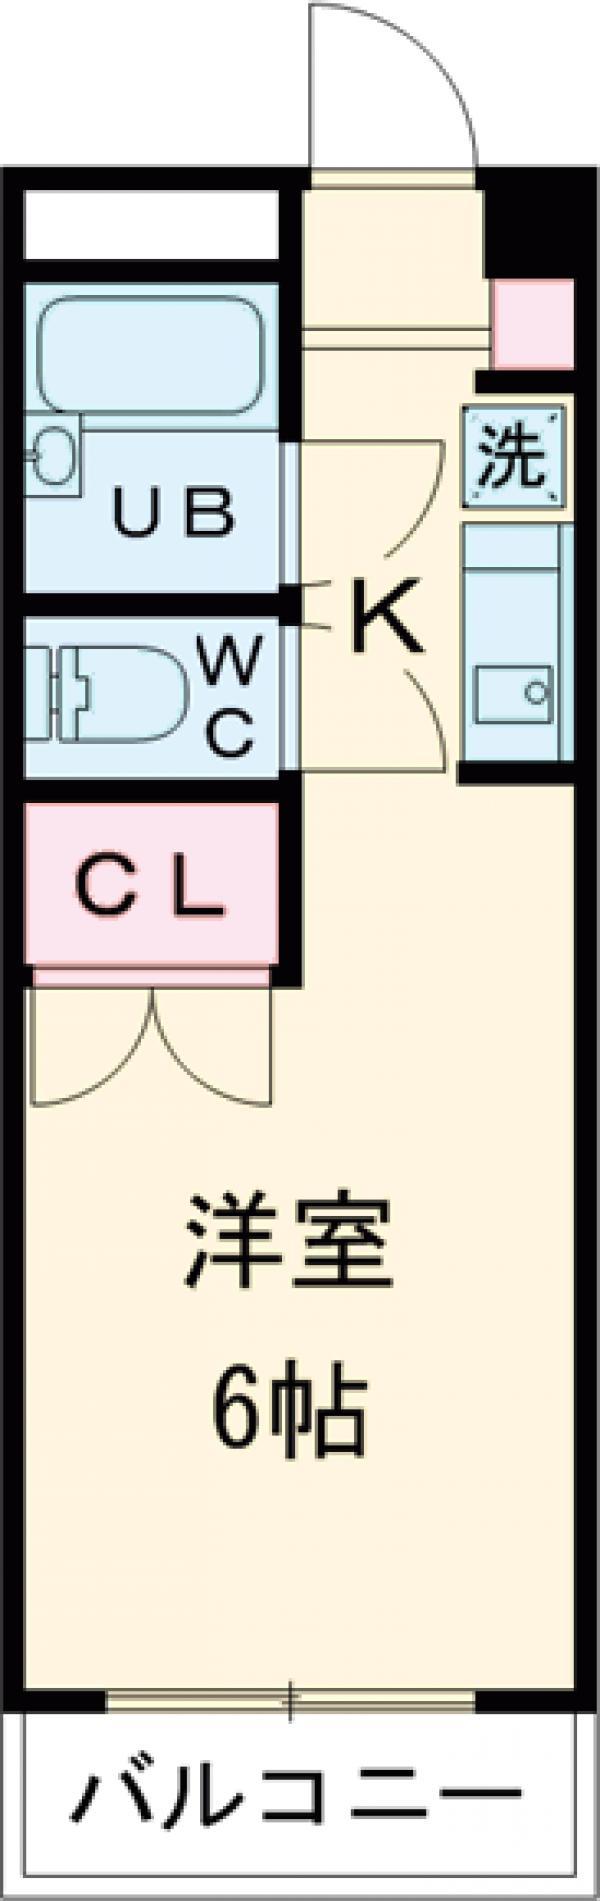 シュガーハイツ南大沢B・111号室の間取り